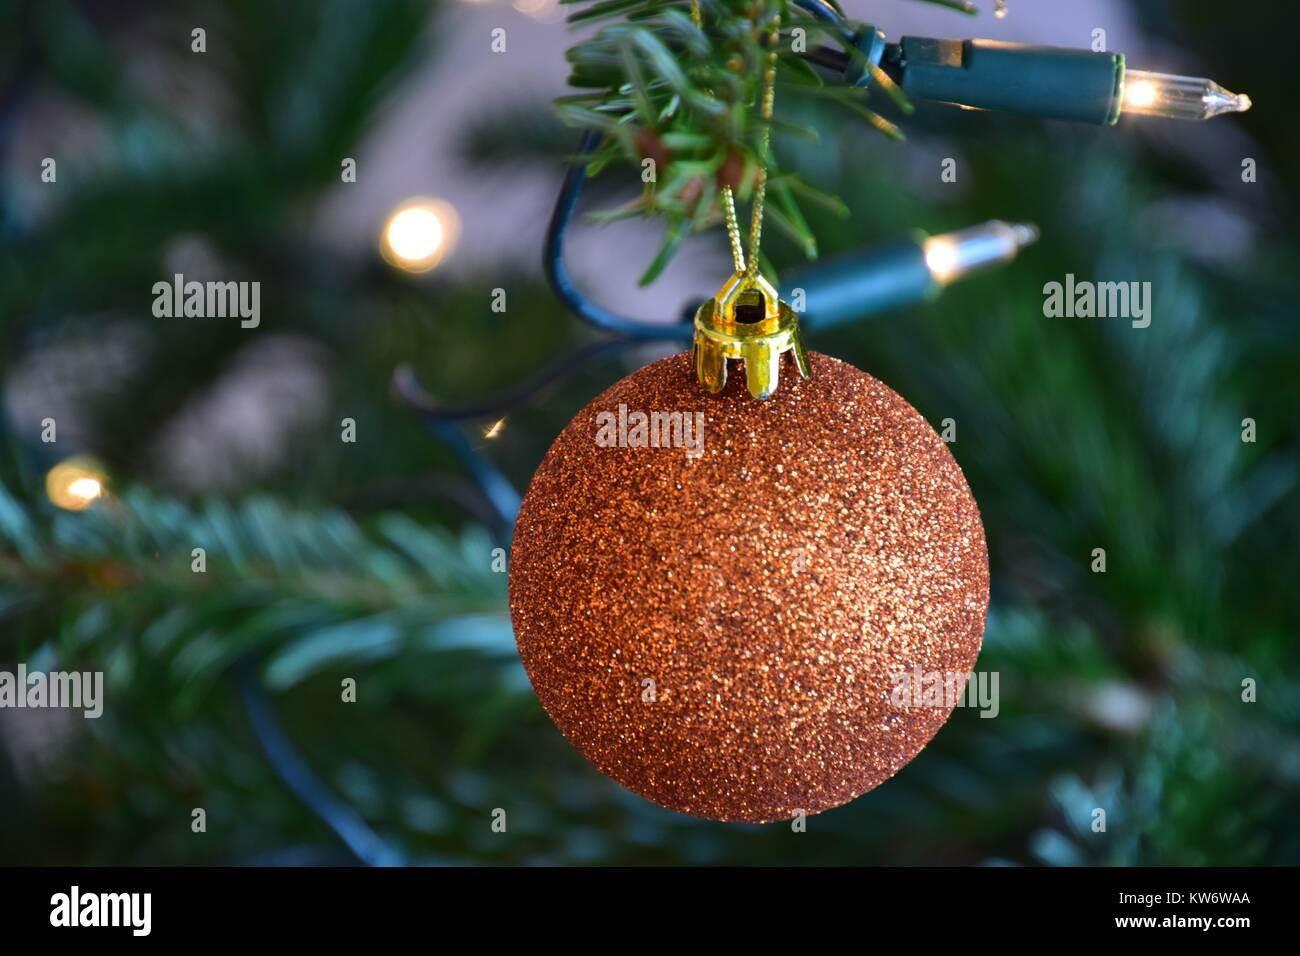 geschm ckten weihnachtsbaum goldene kugel in der n he von. Black Bedroom Furniture Sets. Home Design Ideas